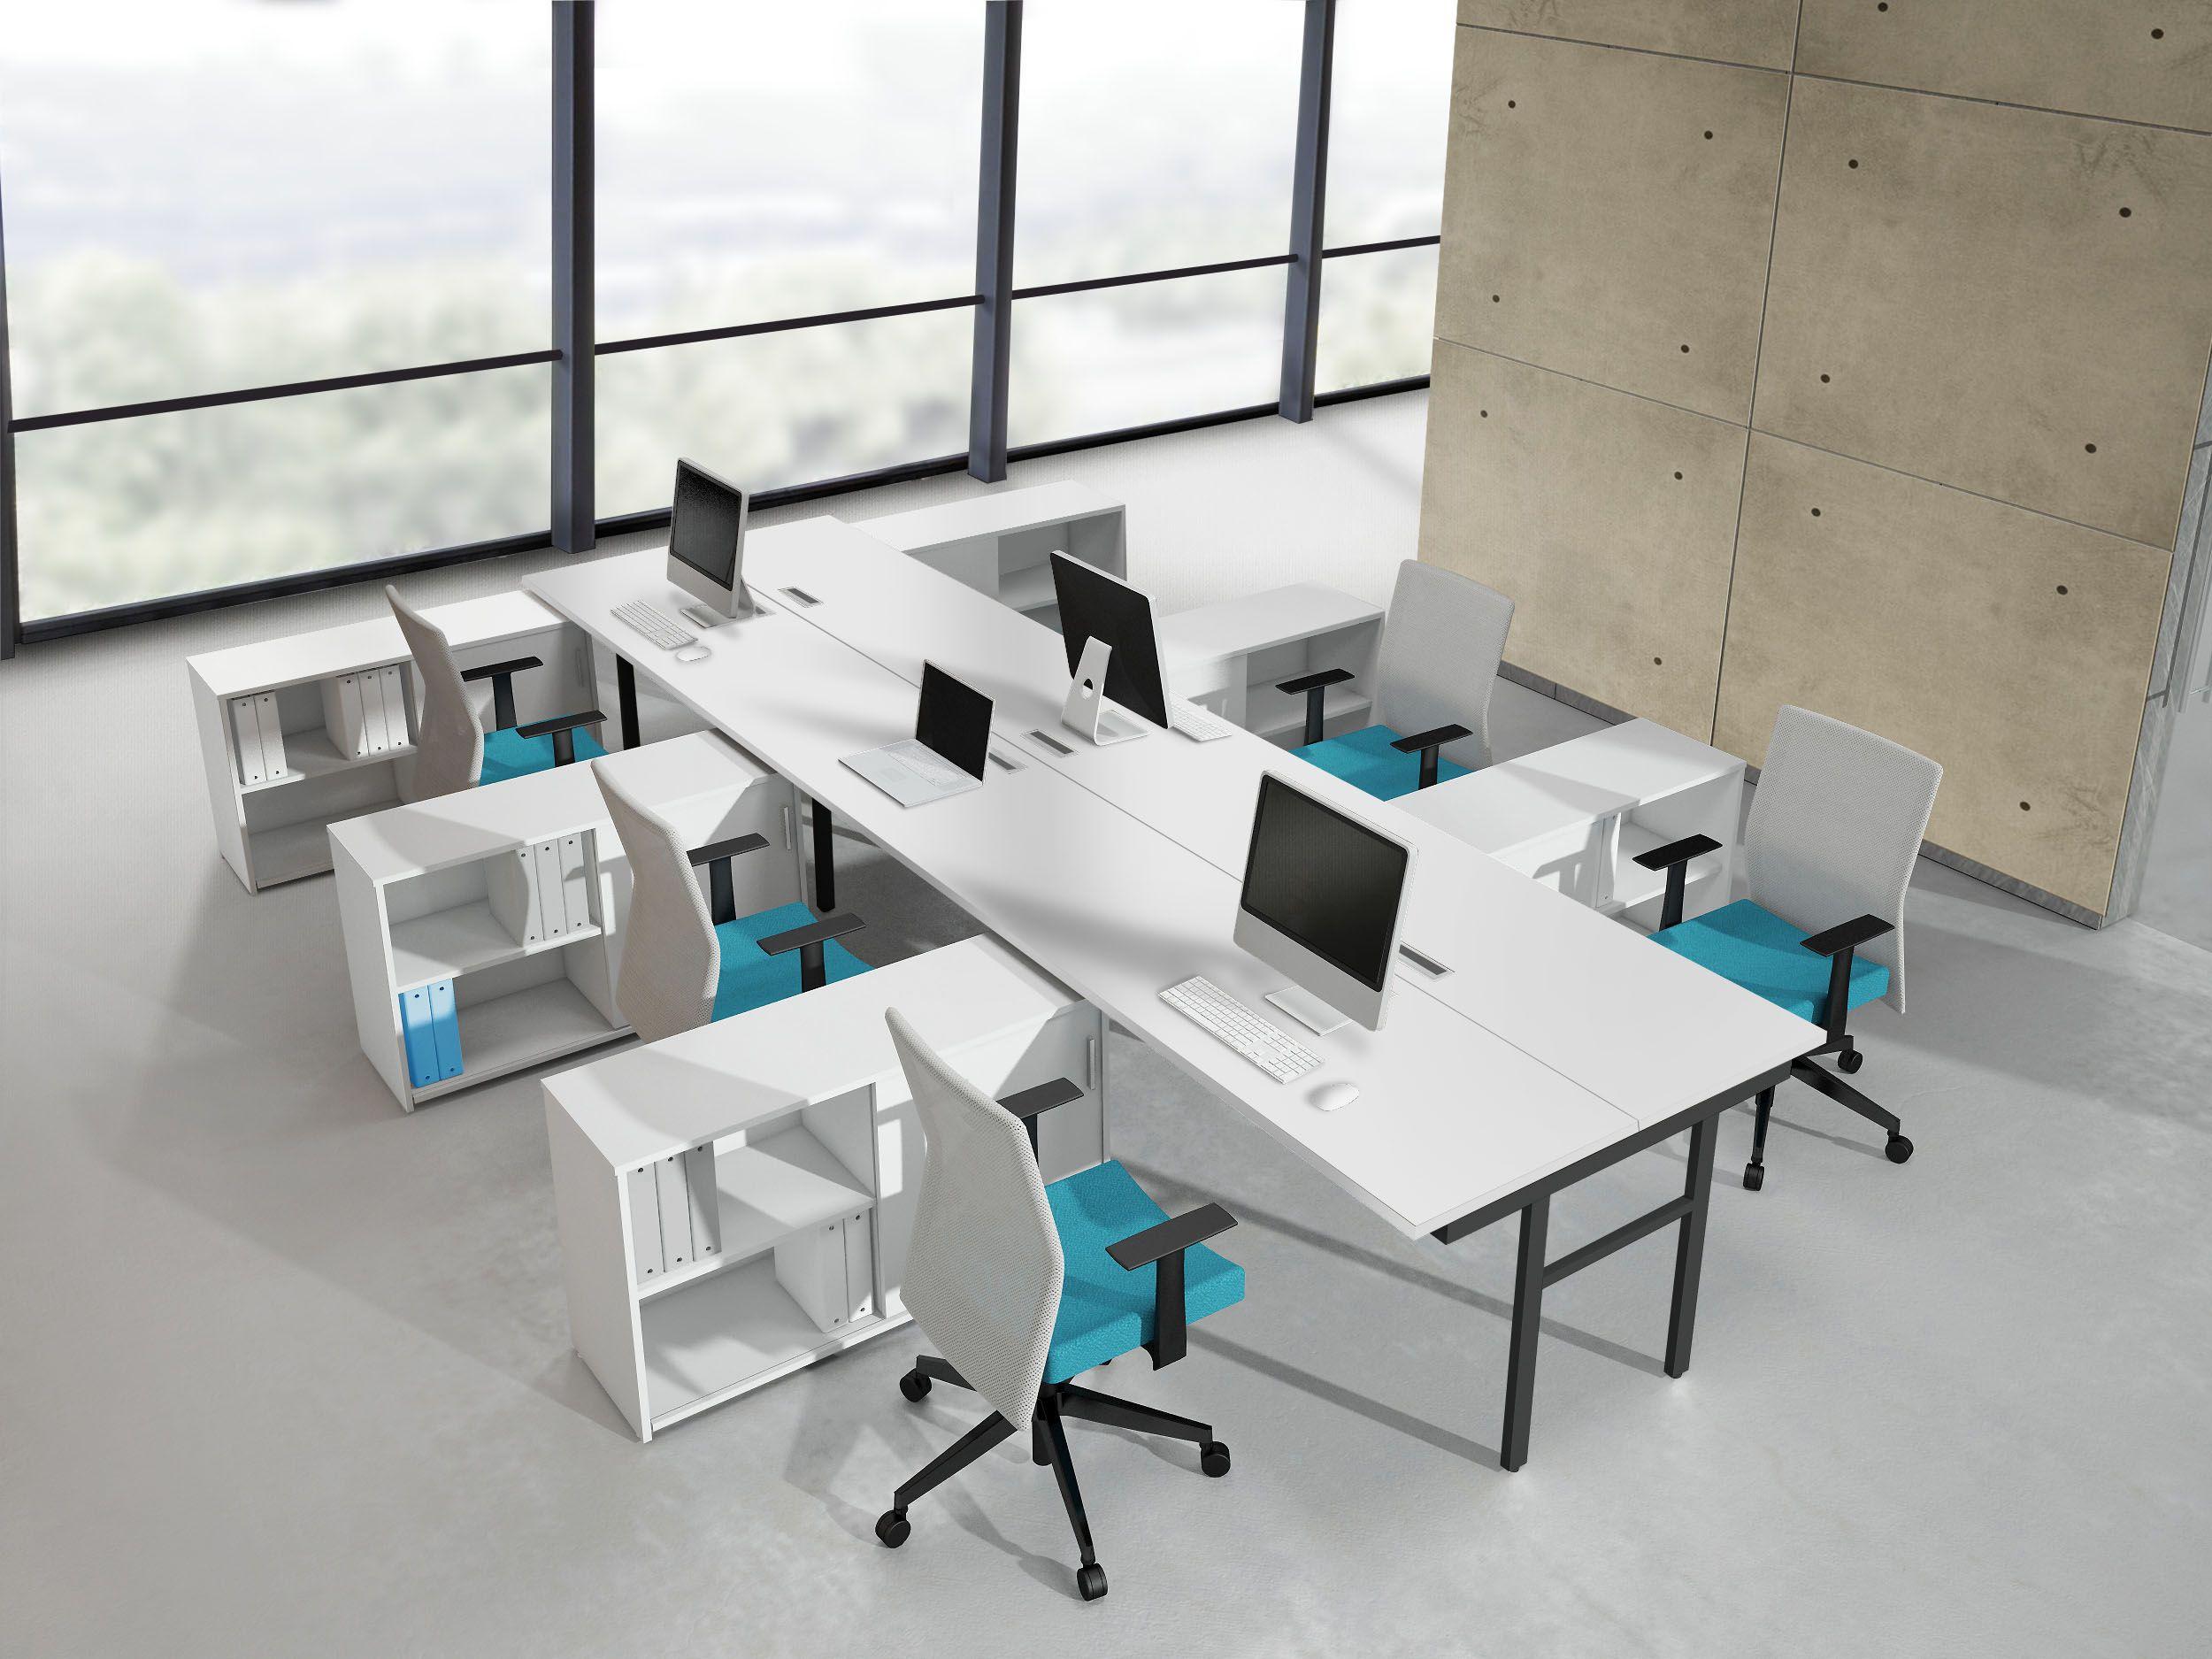 Oficina abierta oficina abierta comunicaci n din mica soluciones dise o interior - Oficina de obra ...